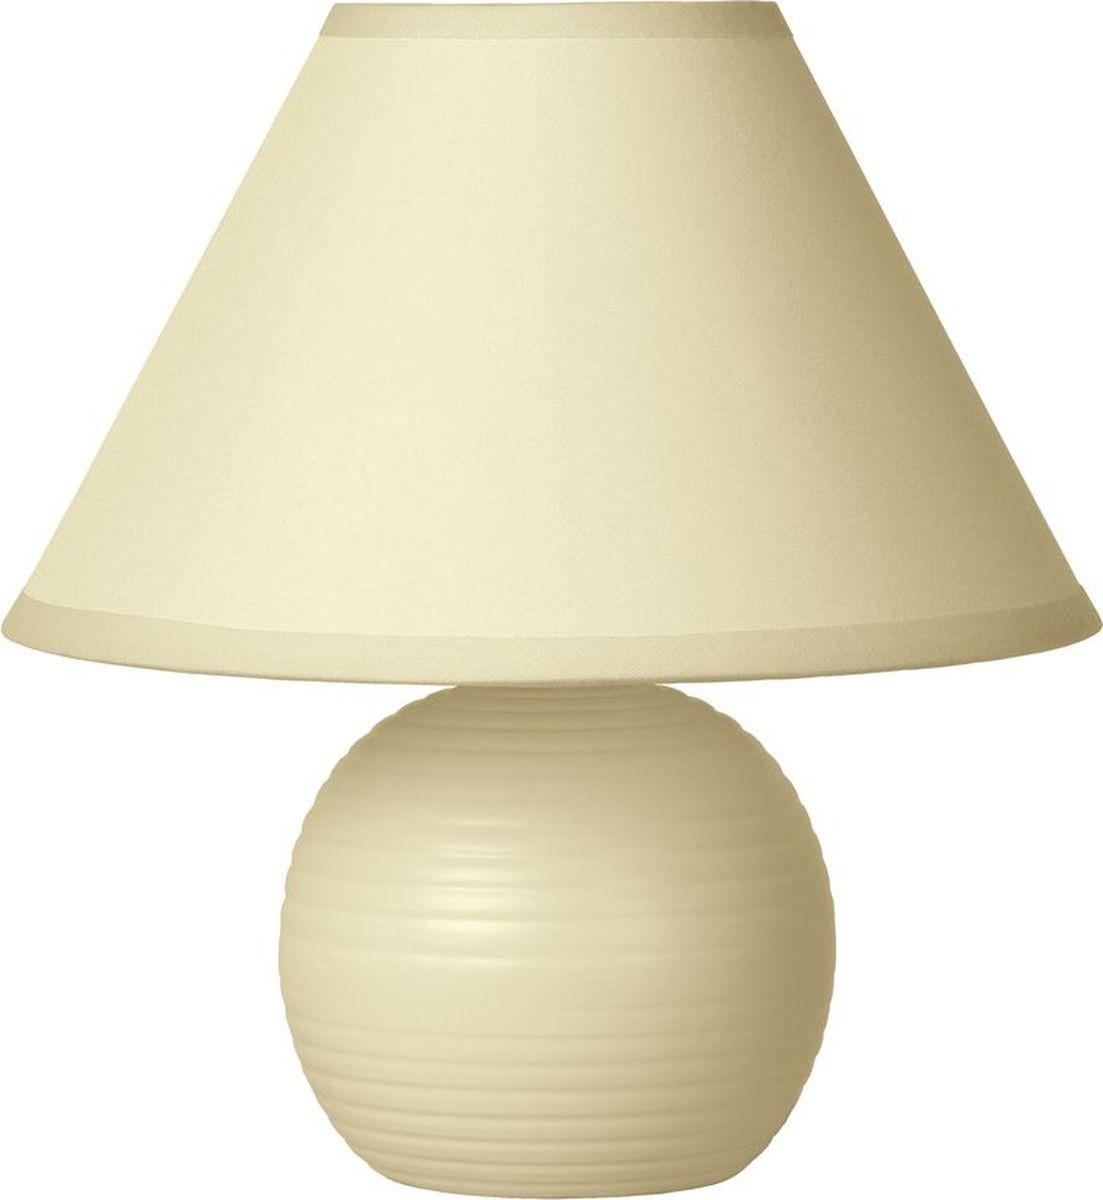 Лампа настольная Lucide Kaddy, цвет: бежевый, E14, 9 Вт. 14550/81/3814550/81/38